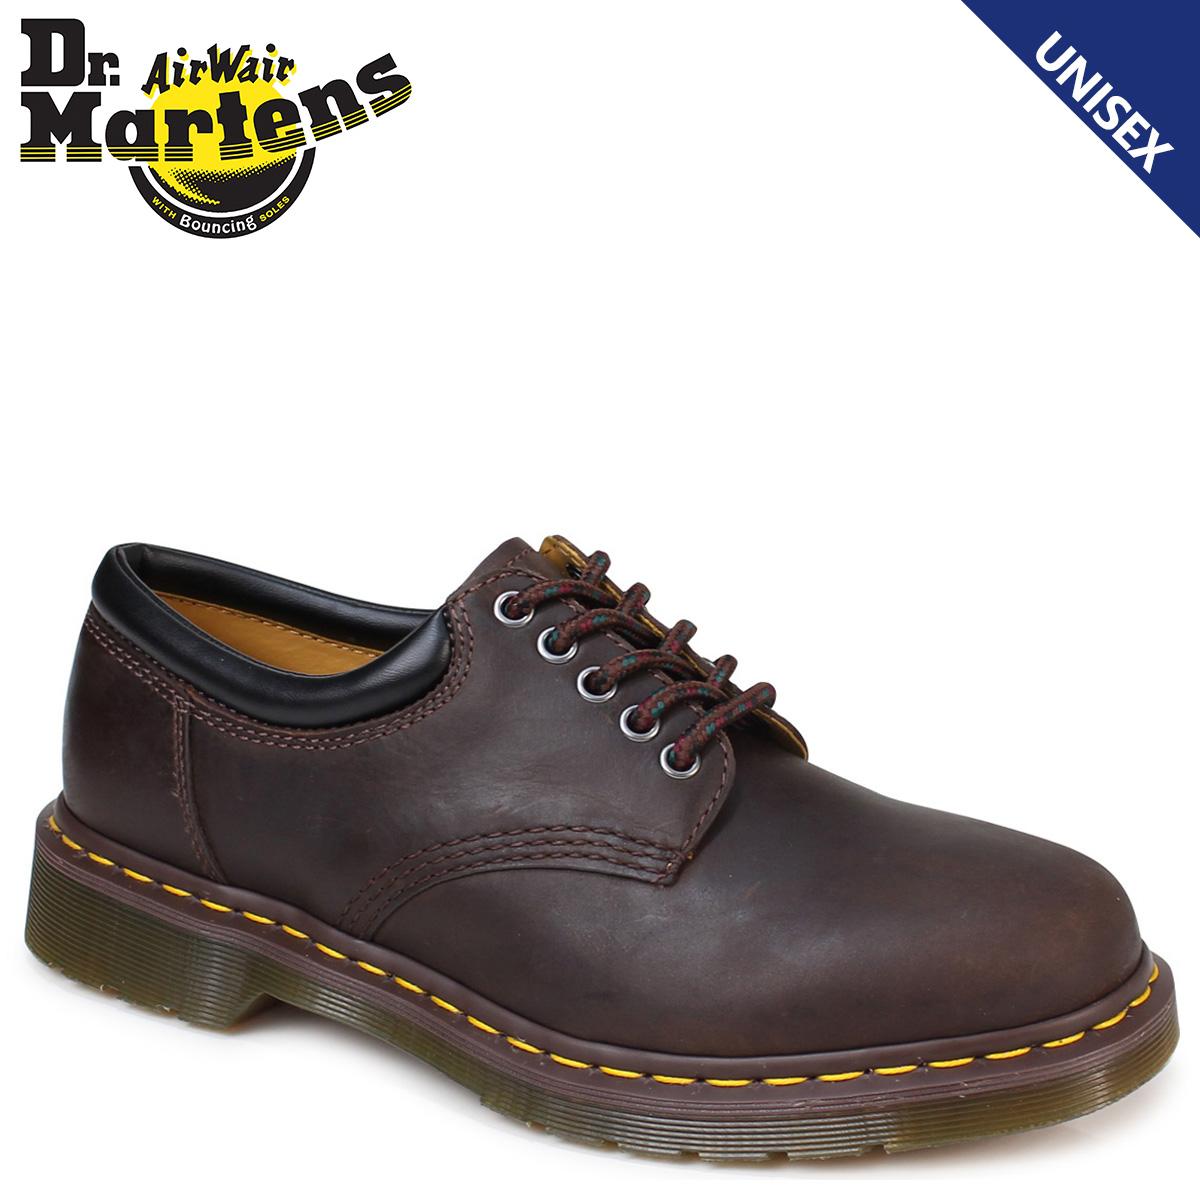 ドクターマーチン Dr.Martens 5ホール メンズ レディース 8053 シューズ 5 EYE SHOE R11849201